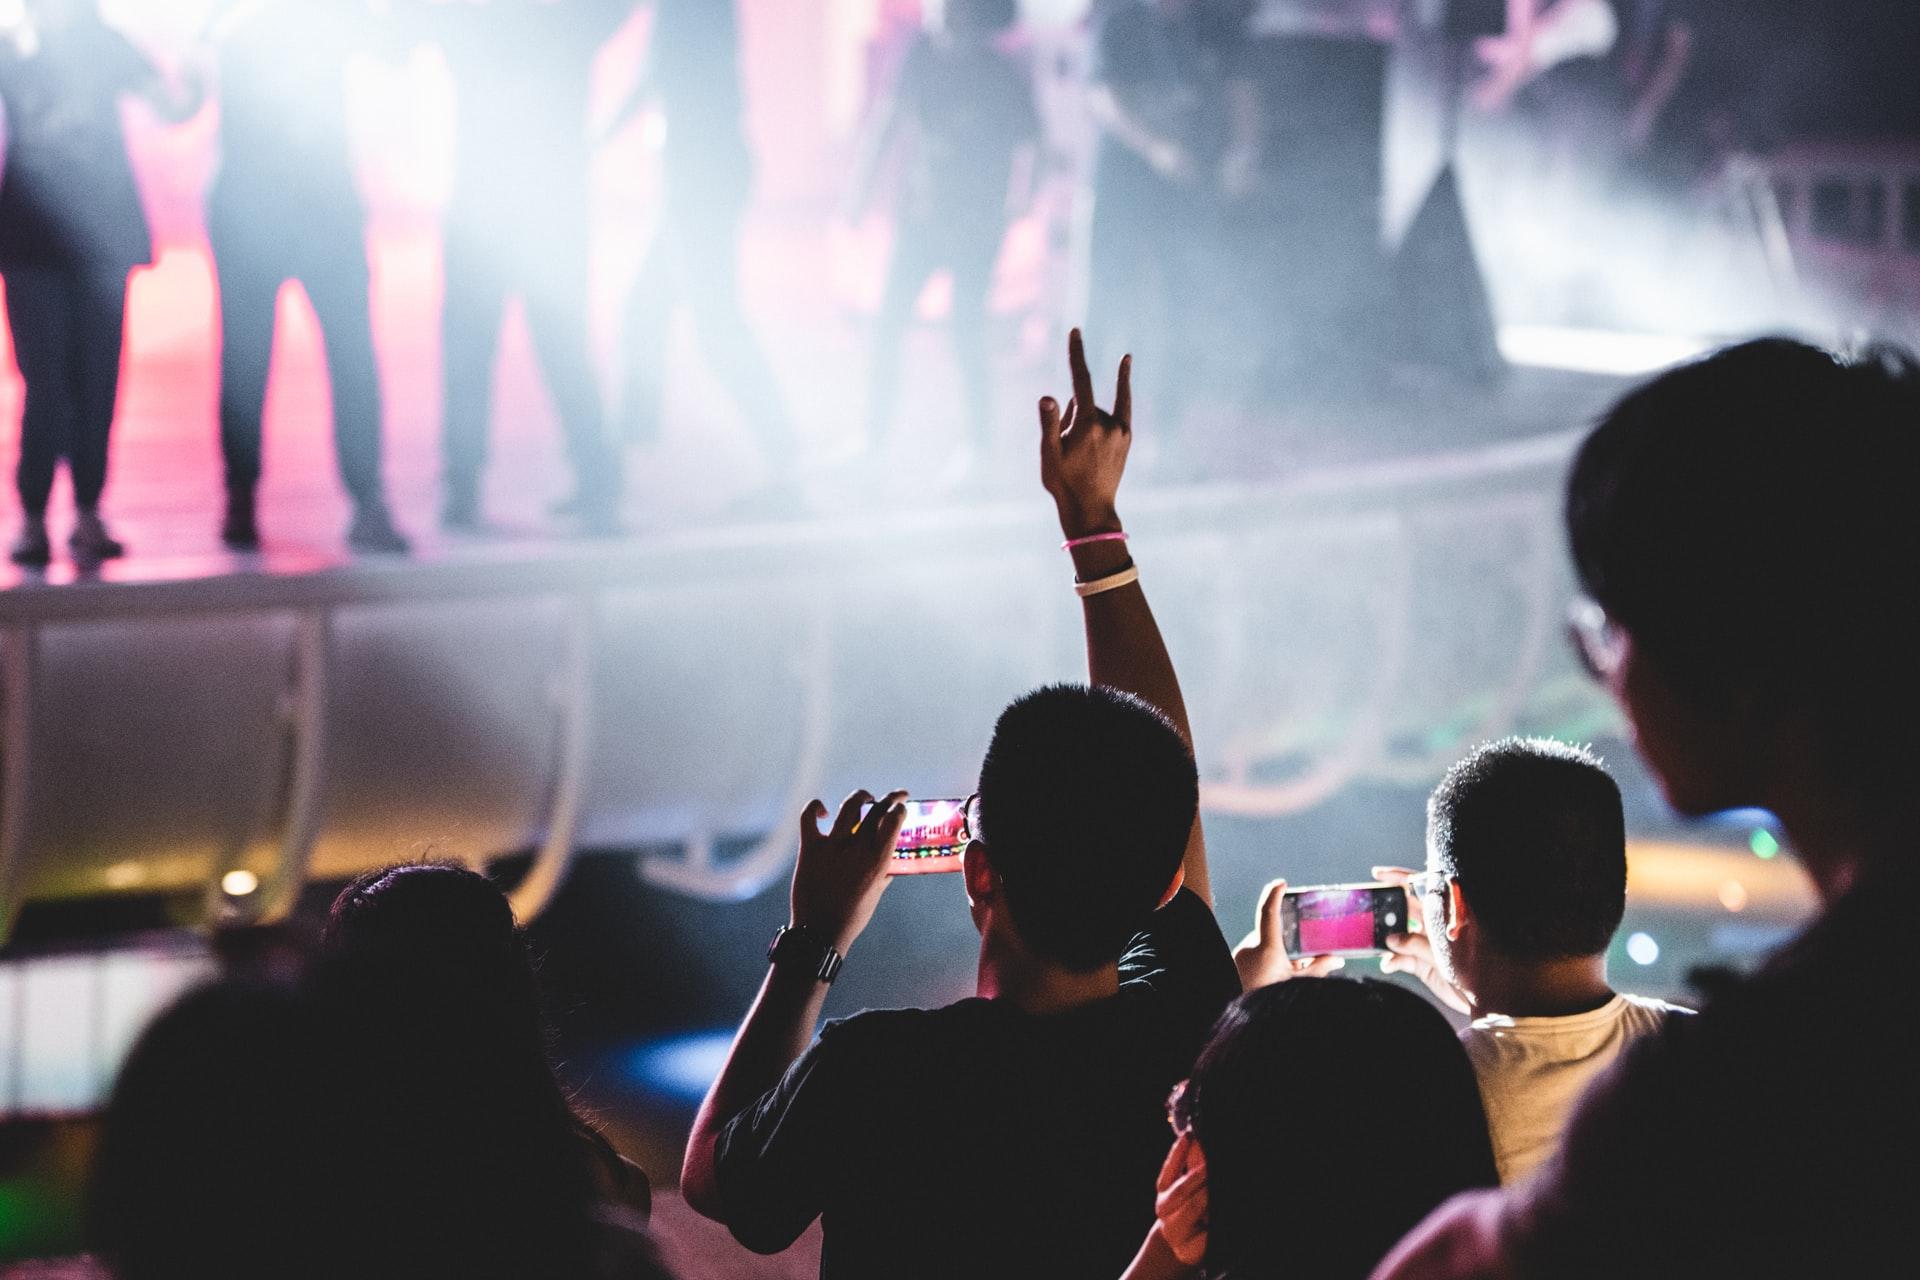 Les concerts virtuels en Janvier 20211 min de lecture